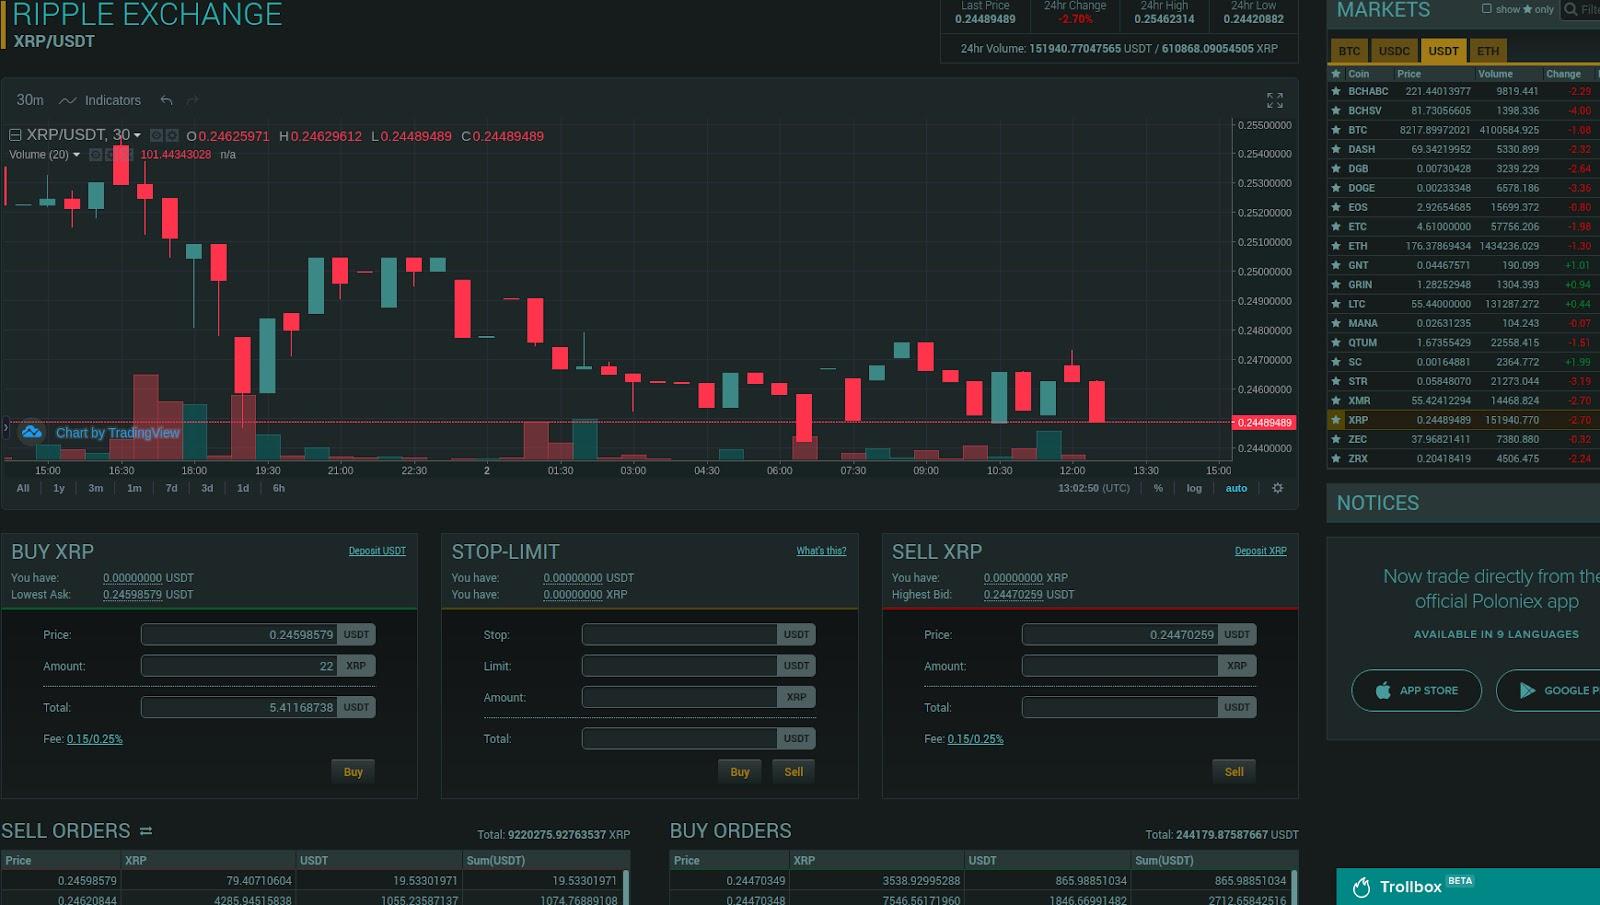 trgovanje maržama bitcoin poloniex trgovac bitcoinima koji prevari